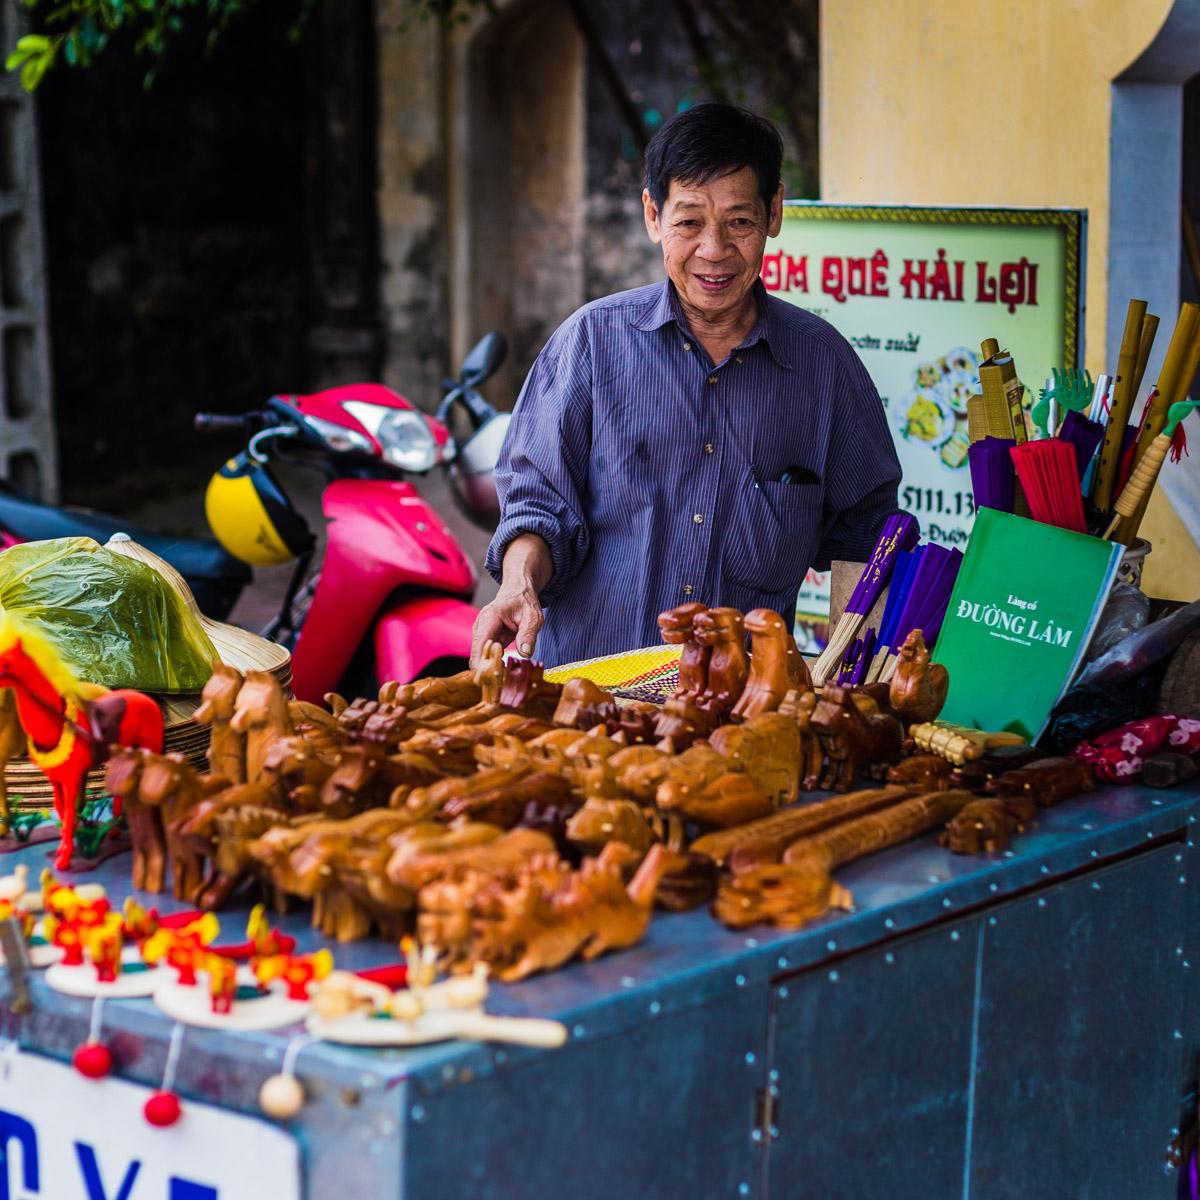 Marchant dans le village de Duong Lam